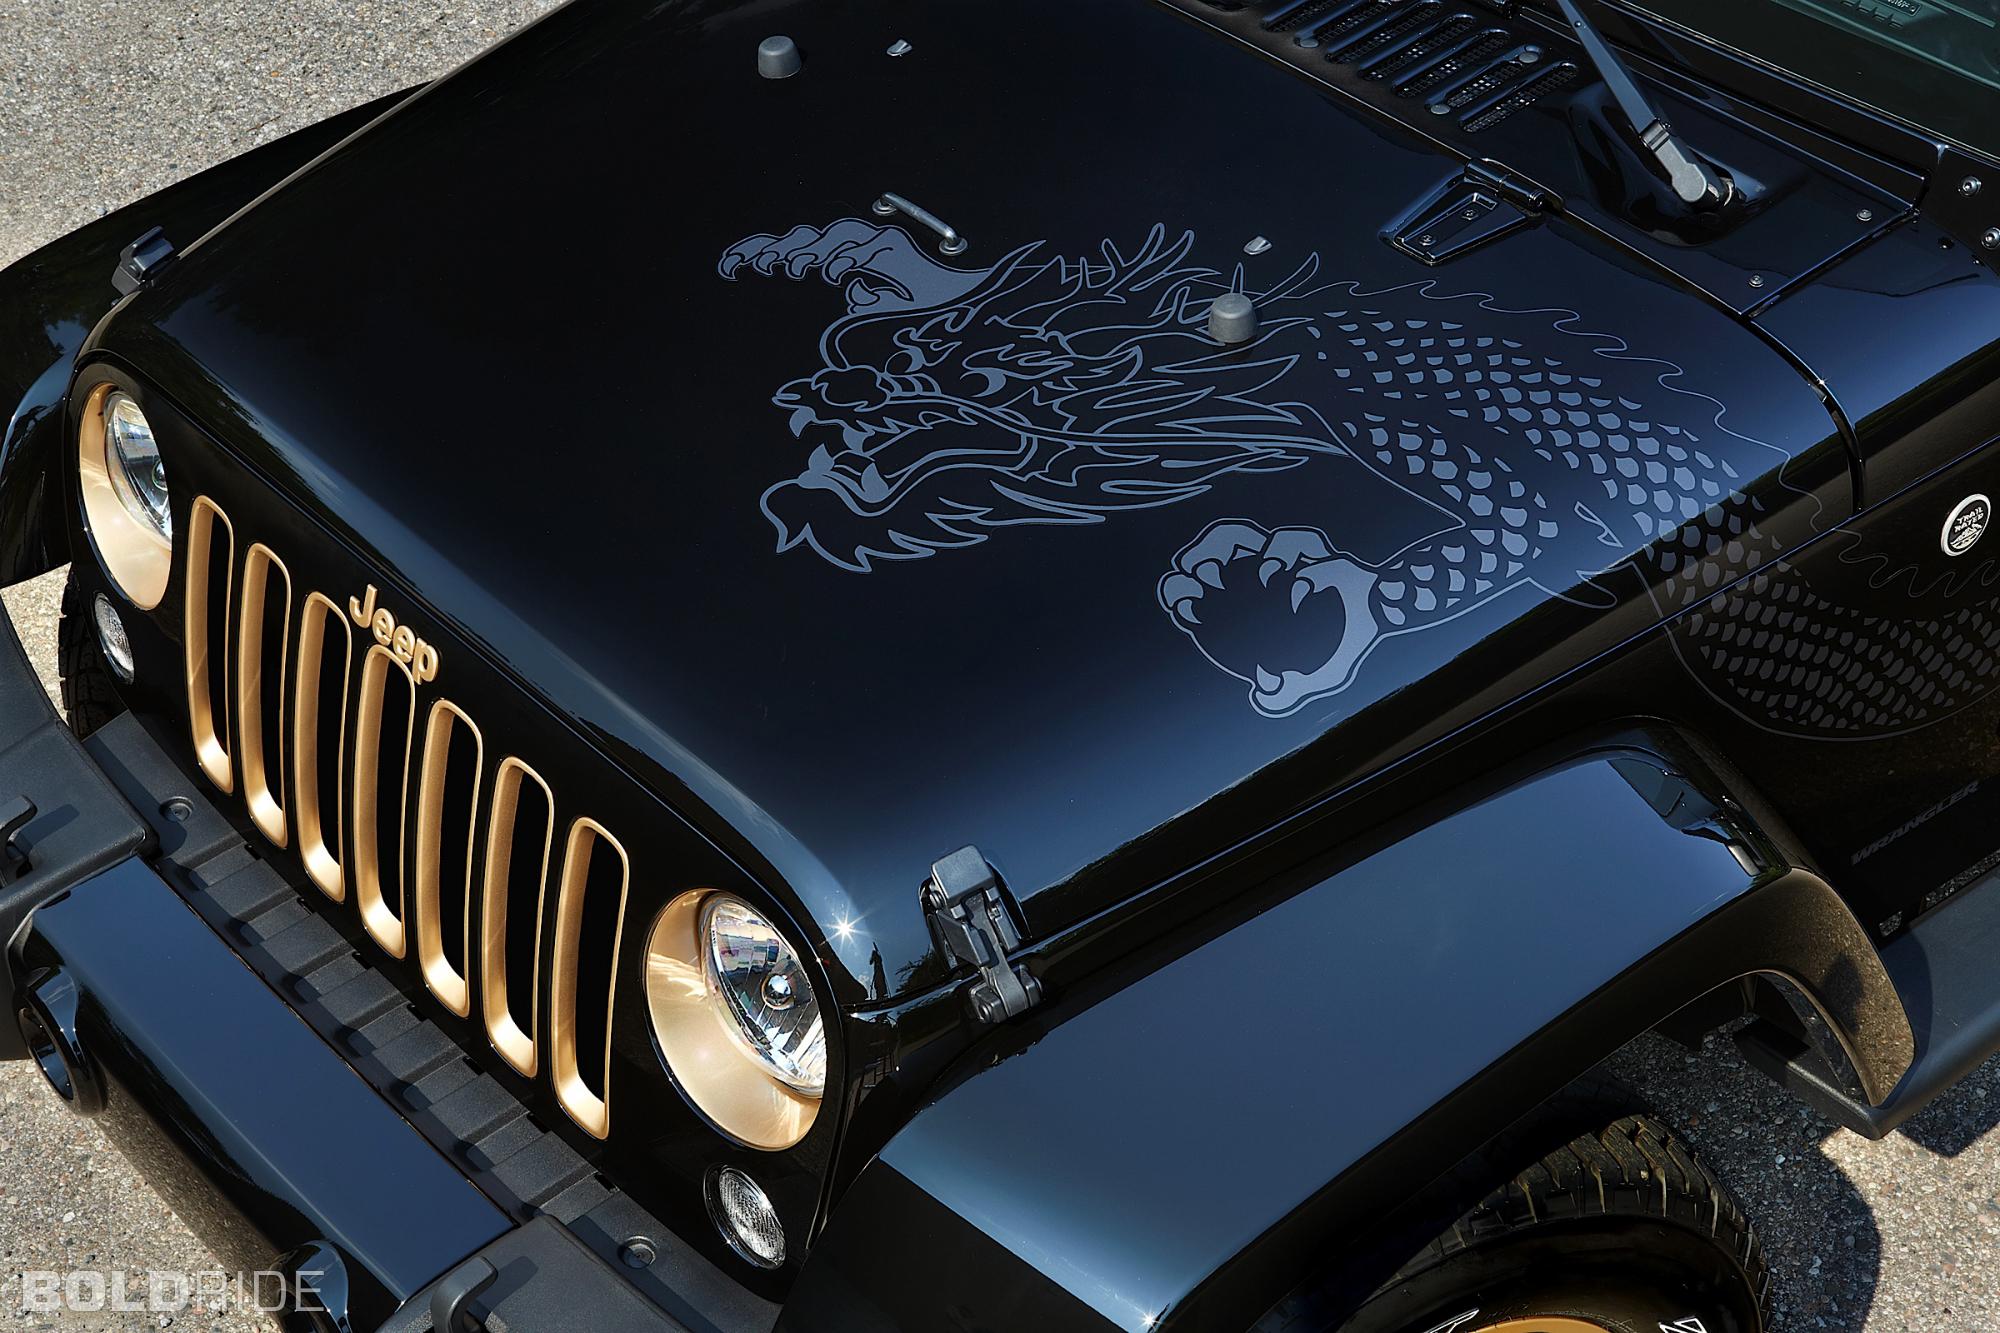 09 Jeep Wrangler